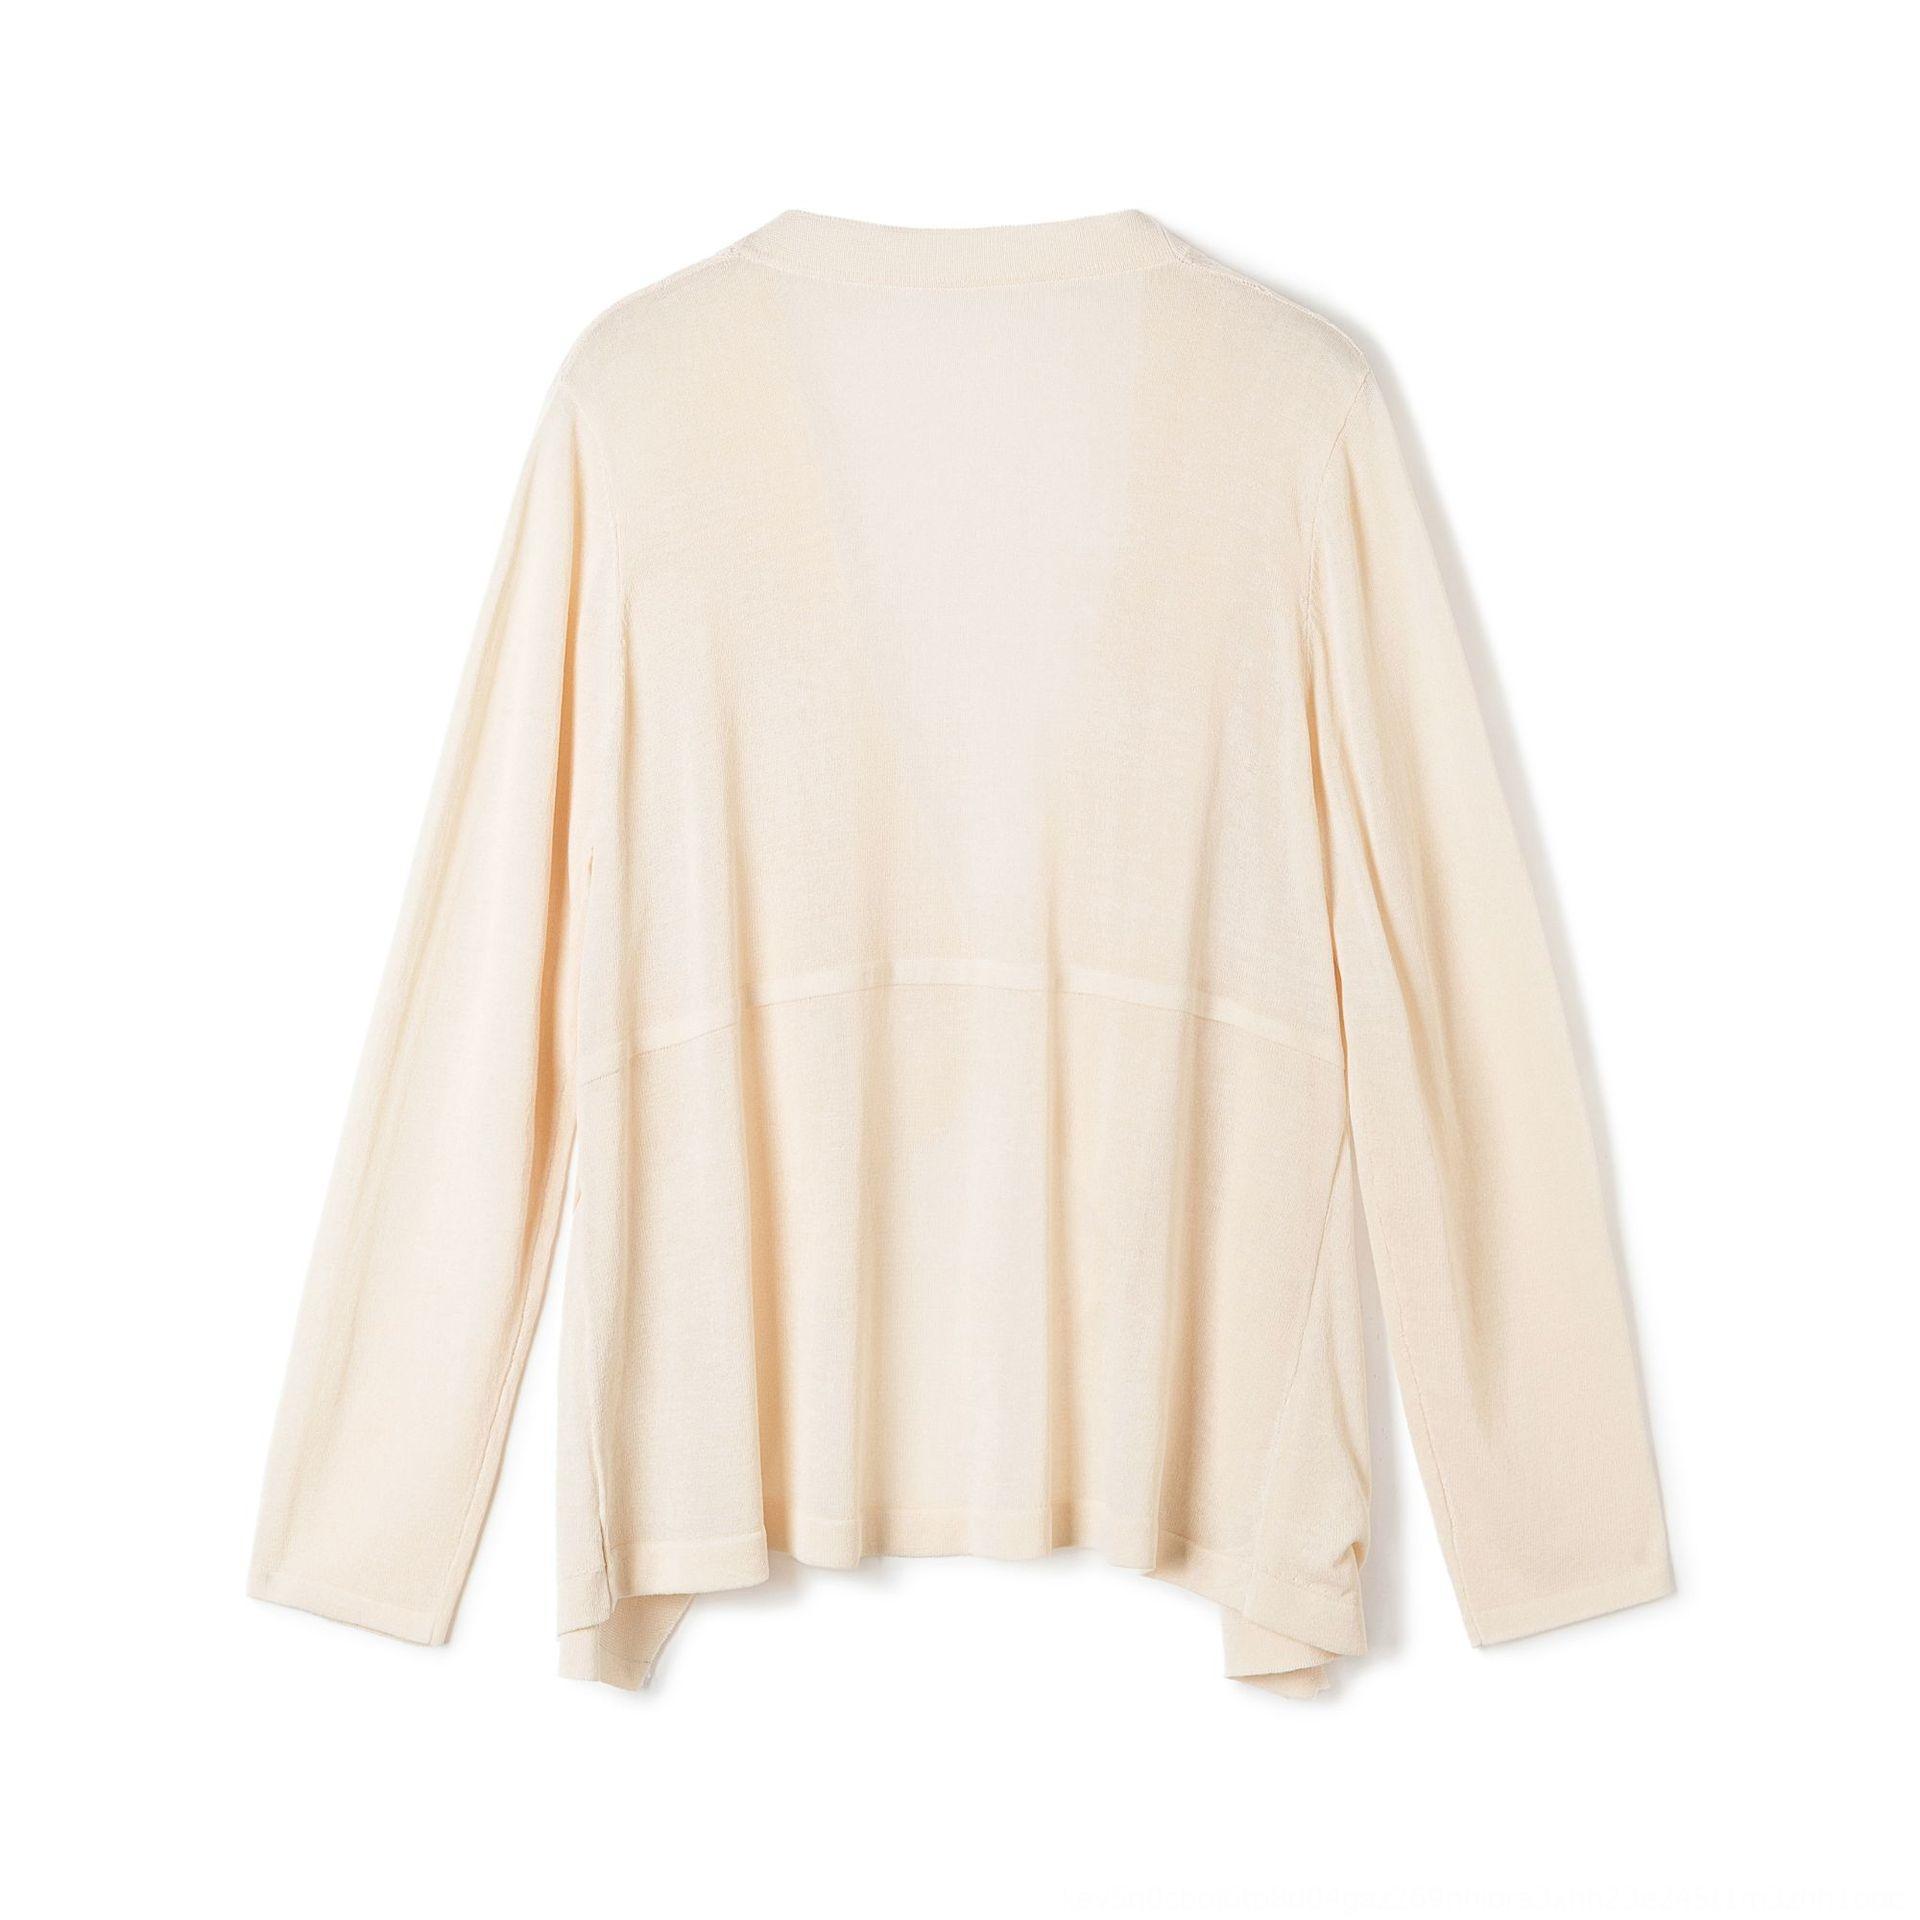 eewI4 Ice шелк вязаный кардиган 2020 лето пальто шаль шаль случайные Корейский свободный новый стиль сплошной цвет полой пальто женщин